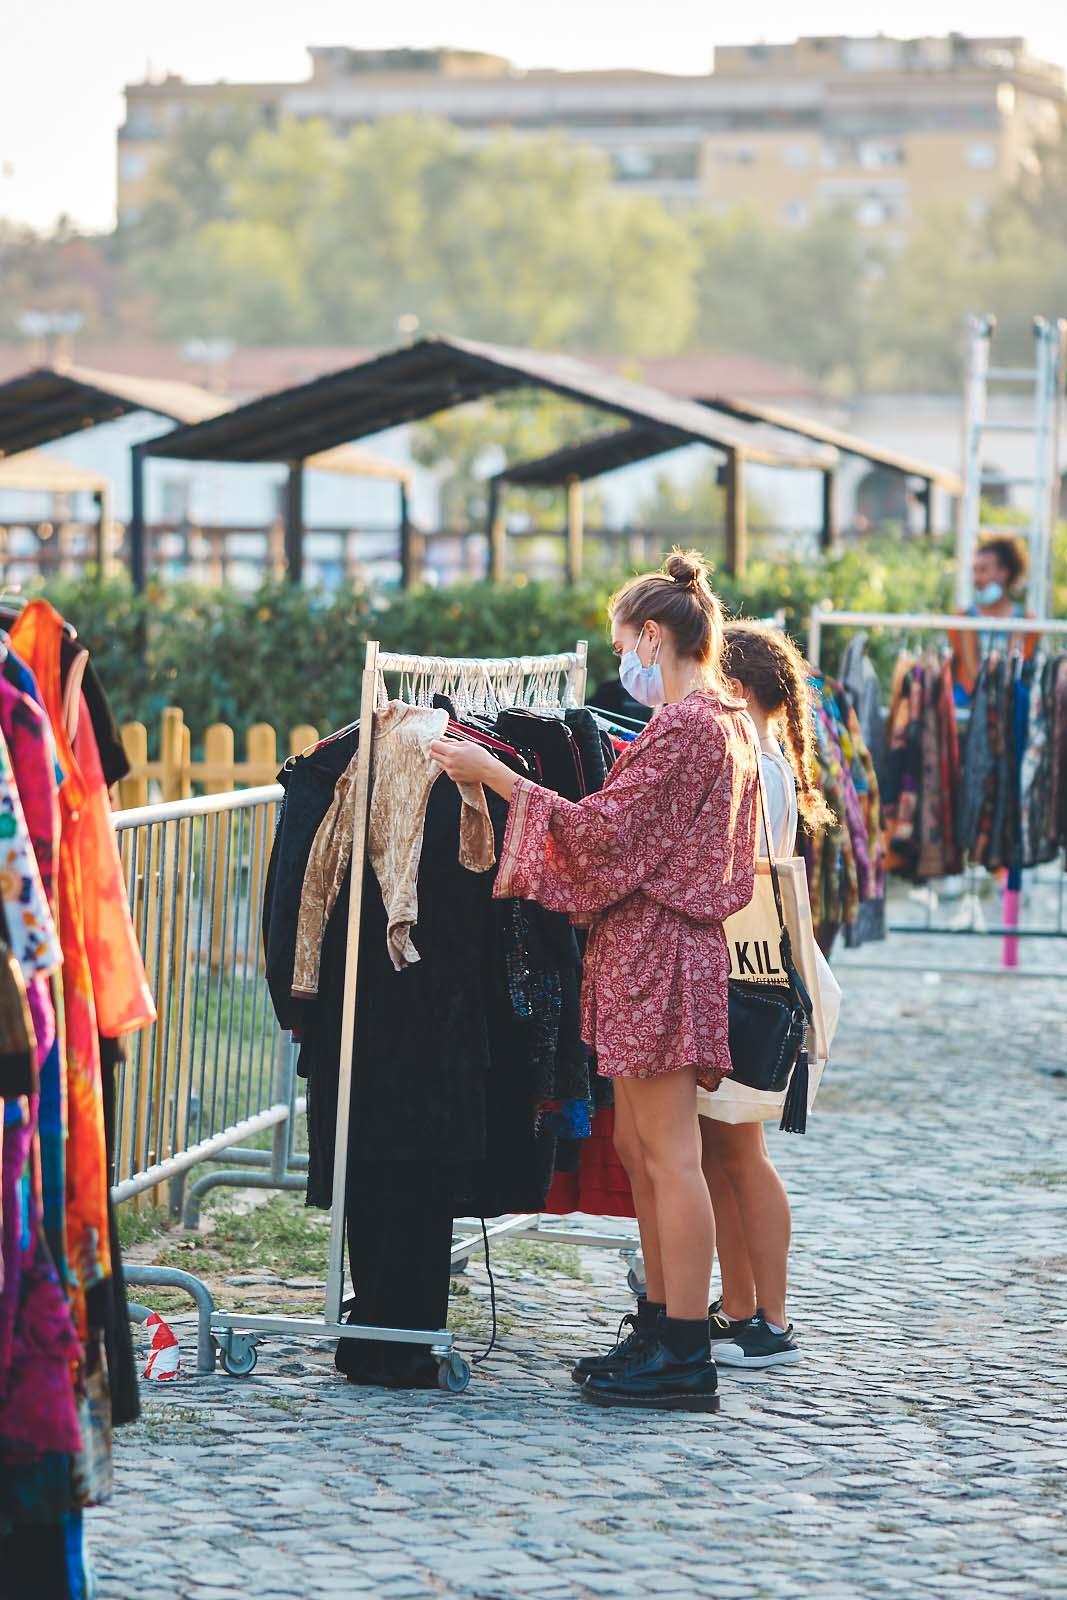 Vinokilo: promuovere la sostenibilità attraverso la moda